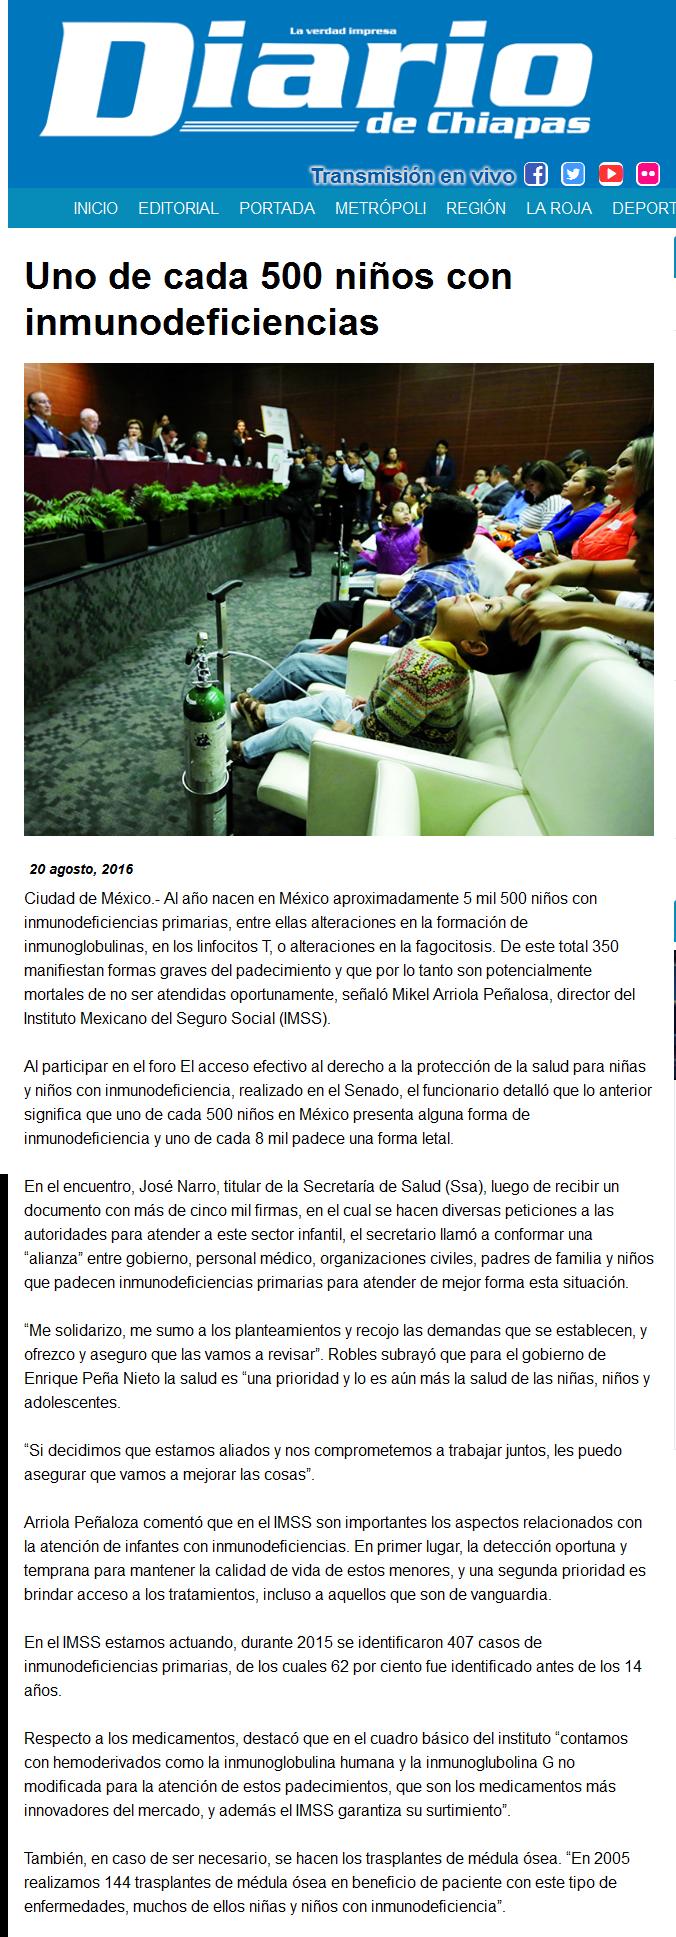 diariodechiapas com 2016-08-23 19-35-50